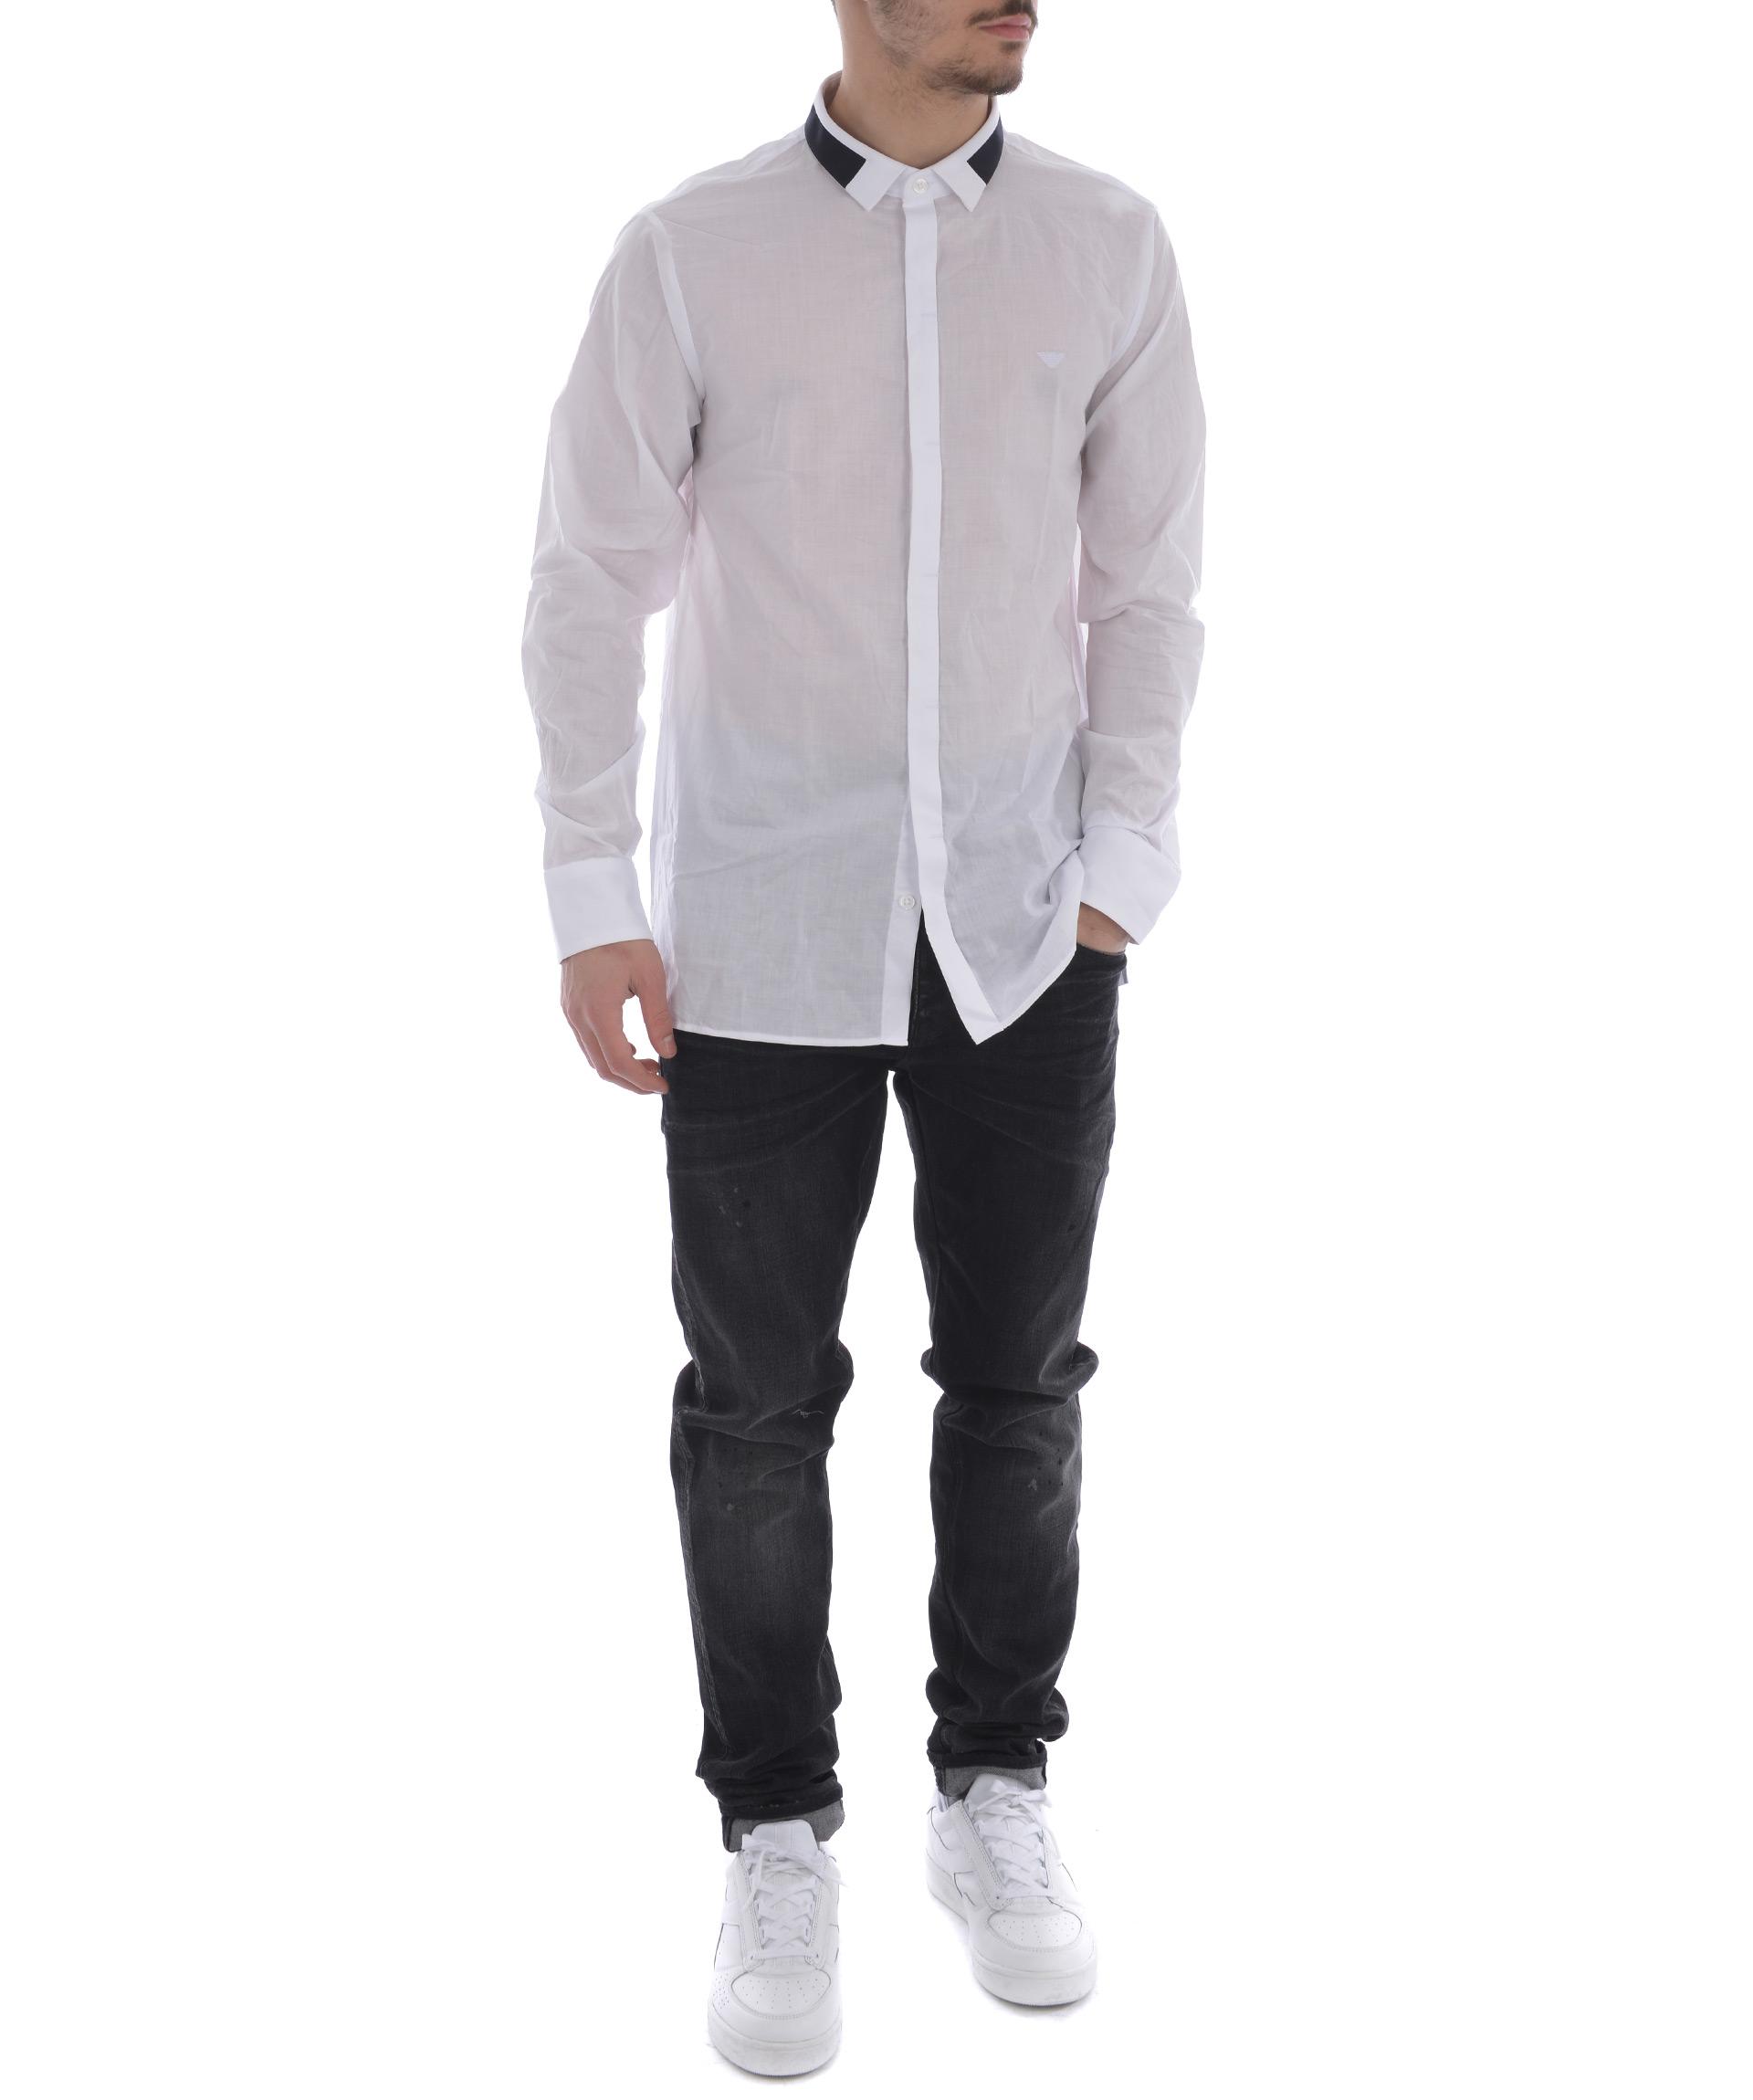 competitive price 0909f feb5e Camicia Emporio Armani